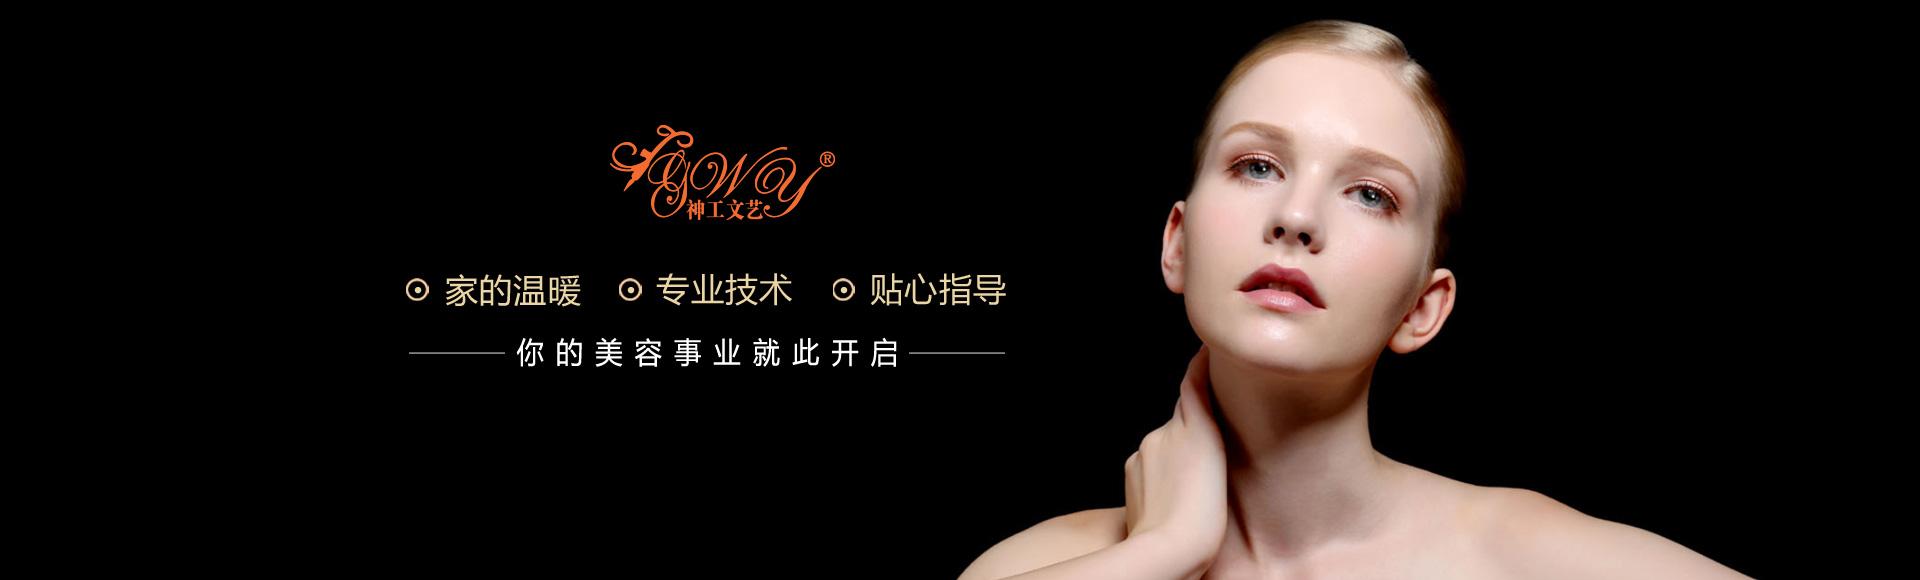 广州纹绣用品,广州纹绣色料,广州纹绣工具